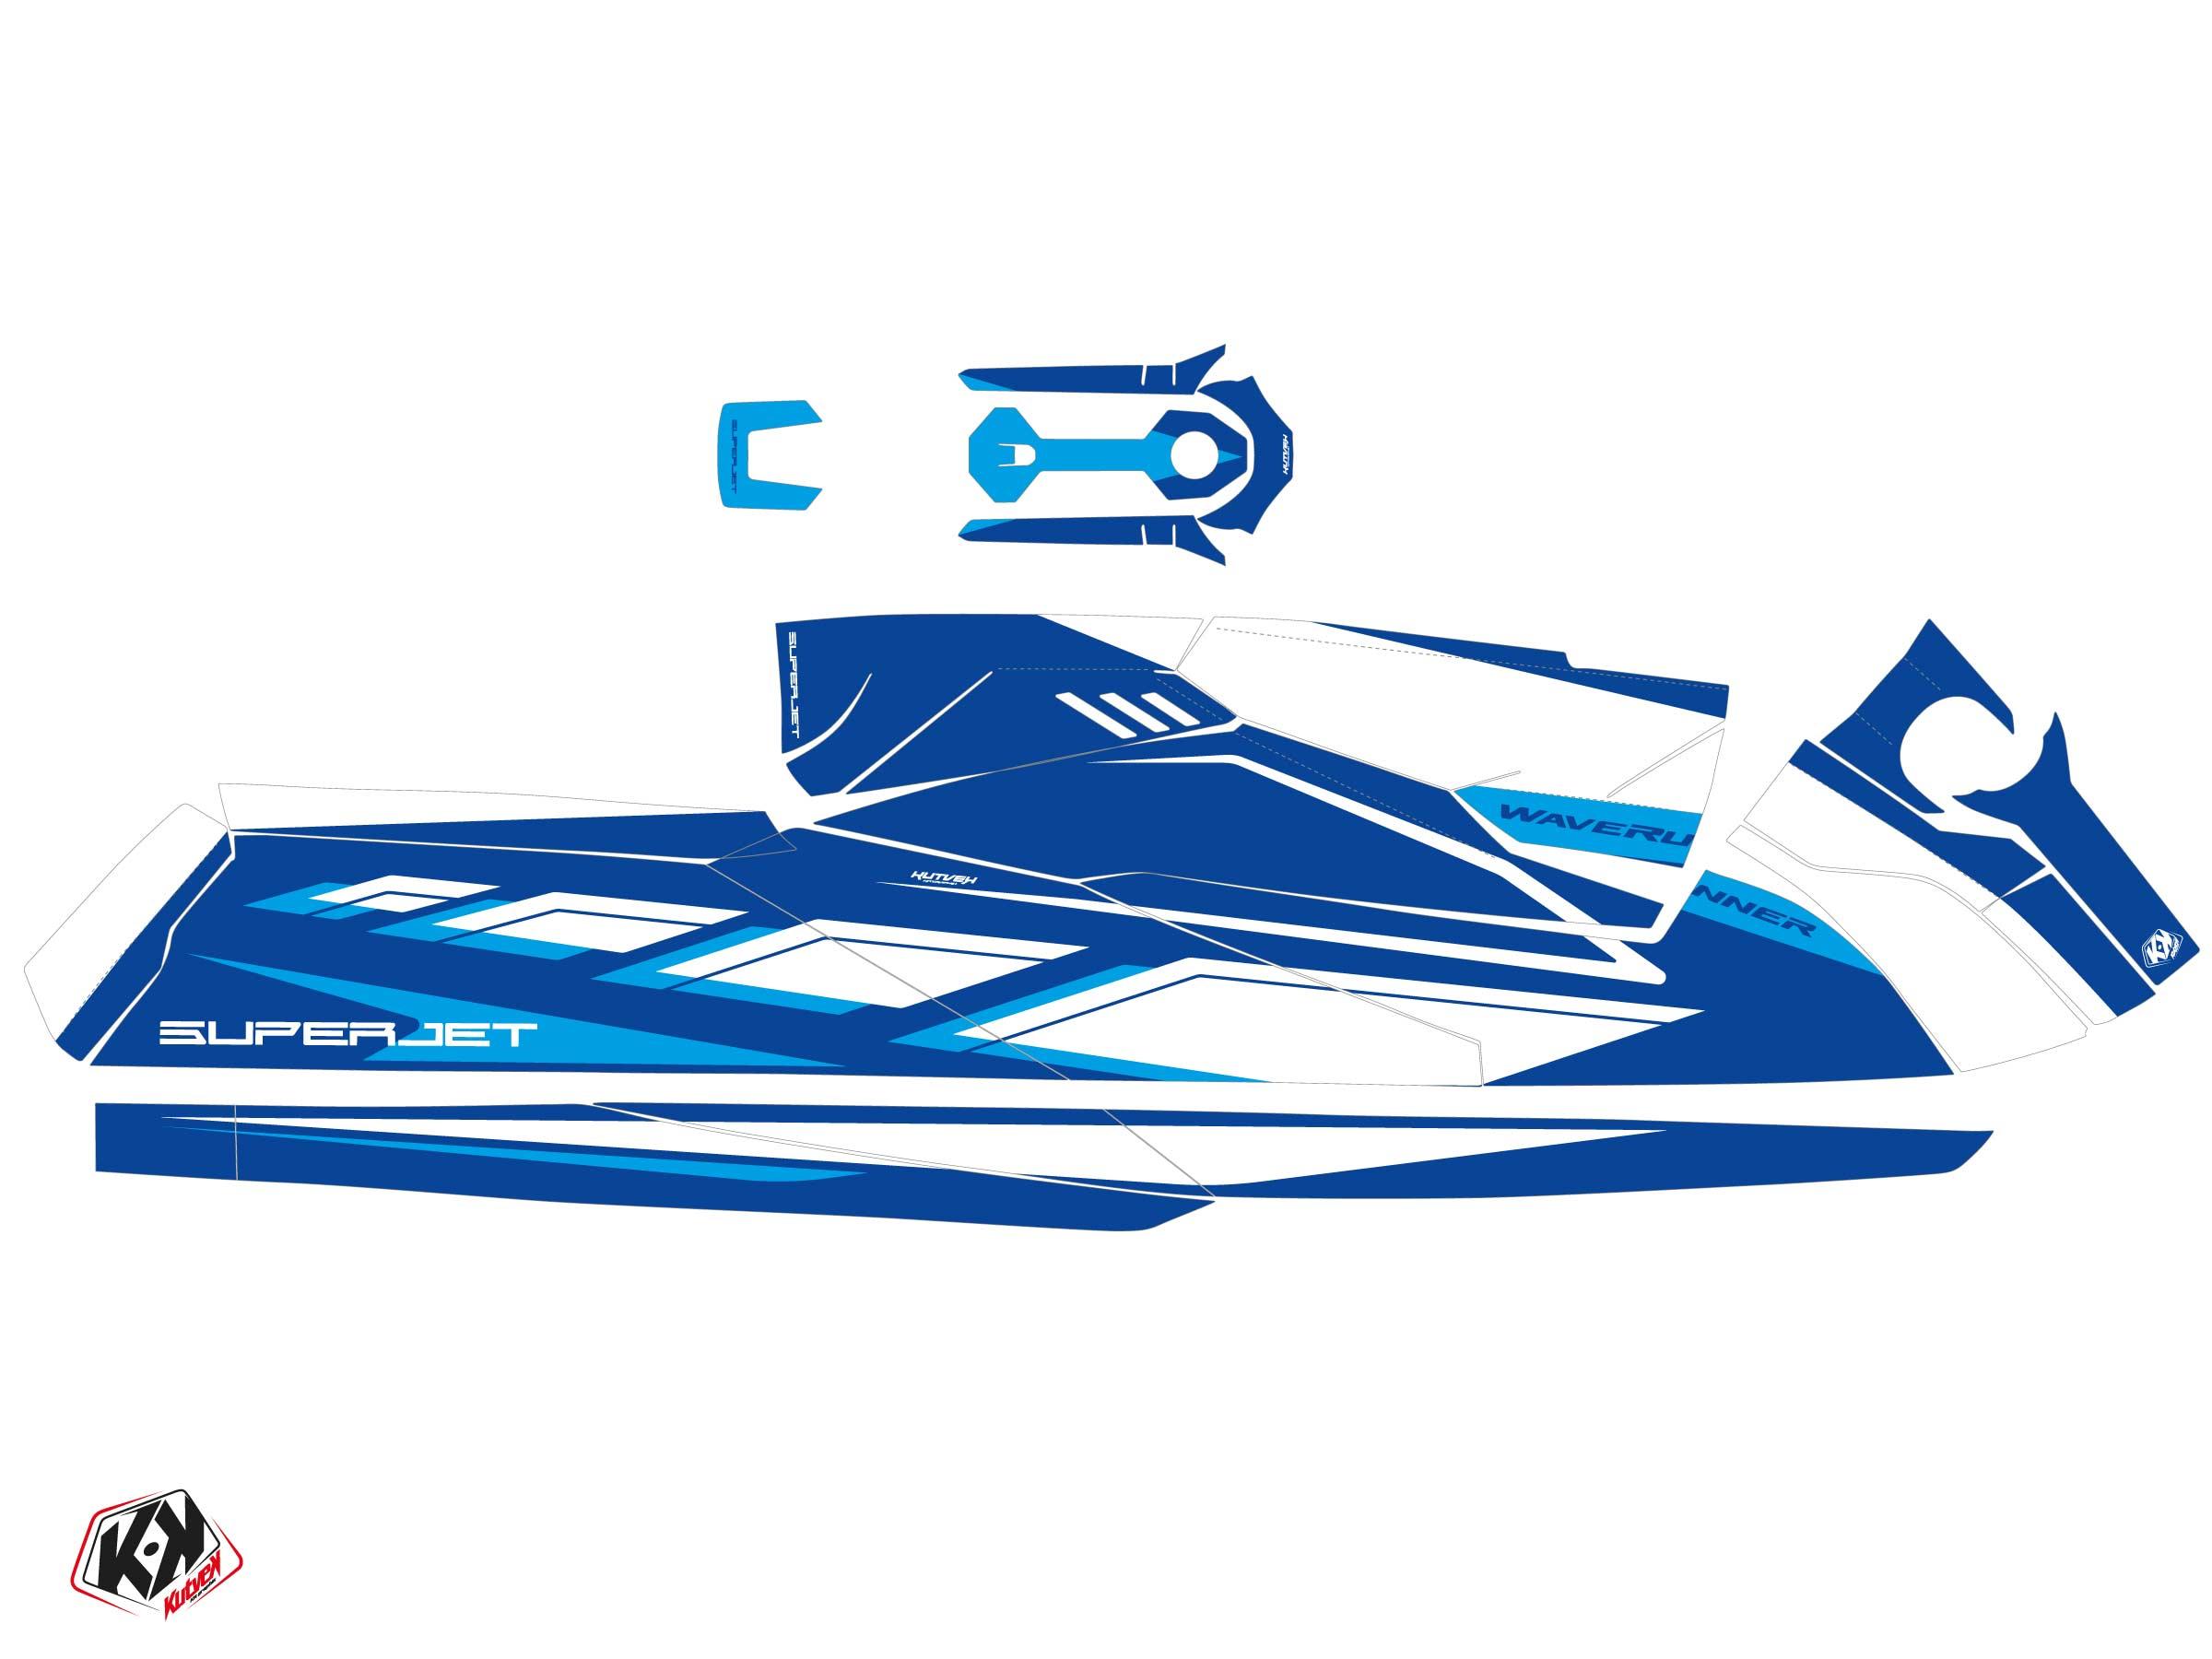 Yamaha Superjet 2021 Jet-Ski PERF Graphic Kit Blue